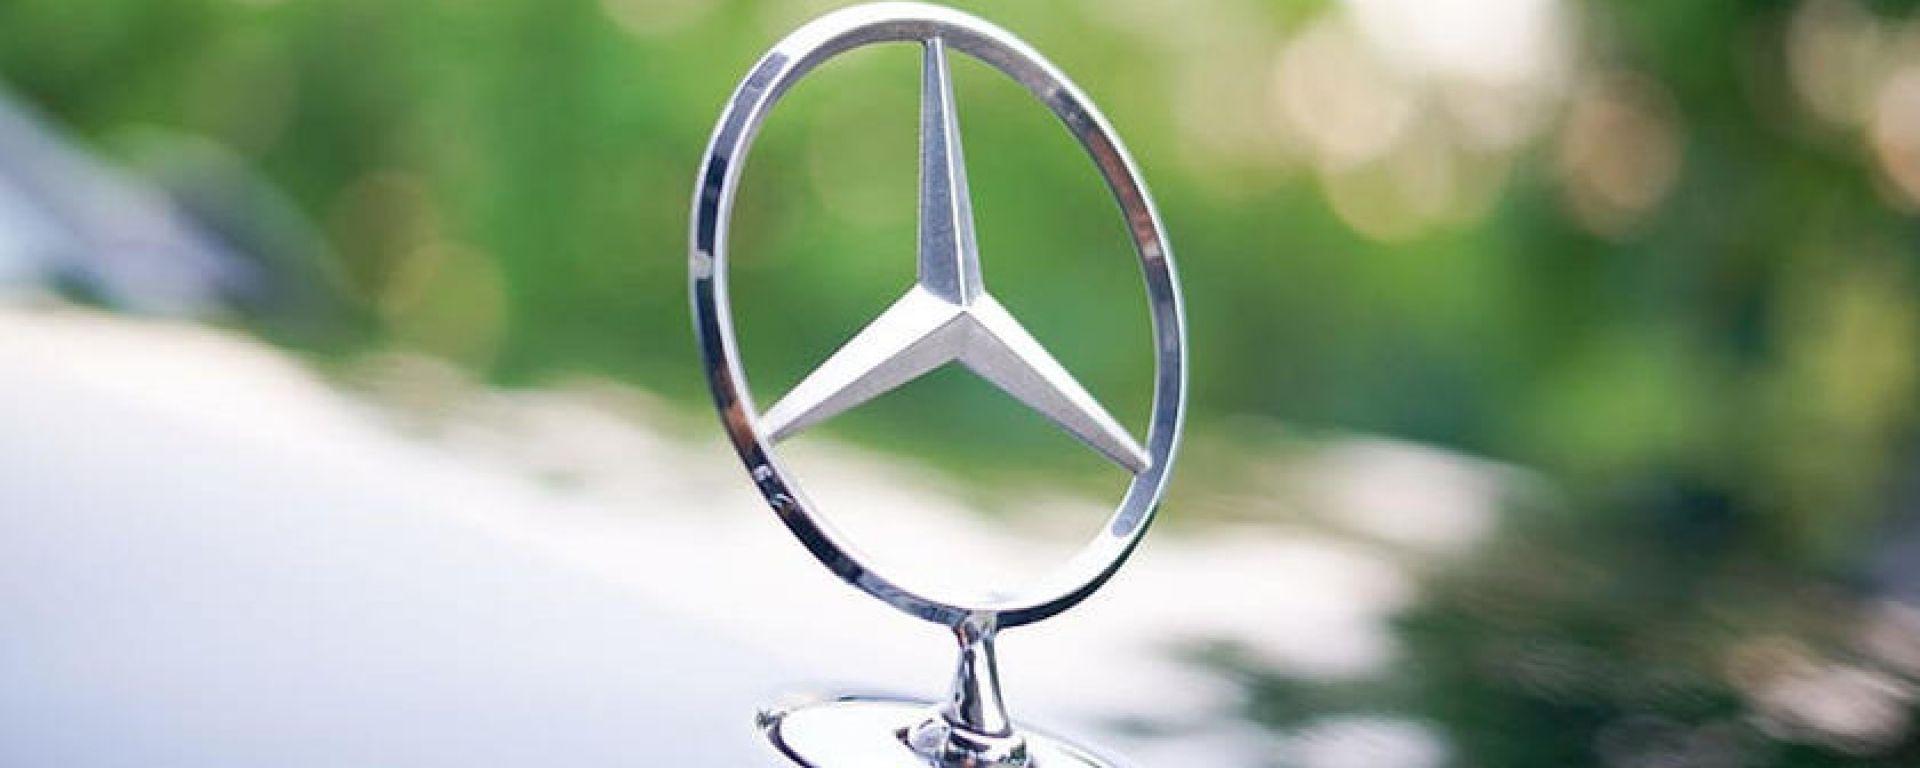 Addio al vecchio stemma Mercedes sul cofano anche per Classe E